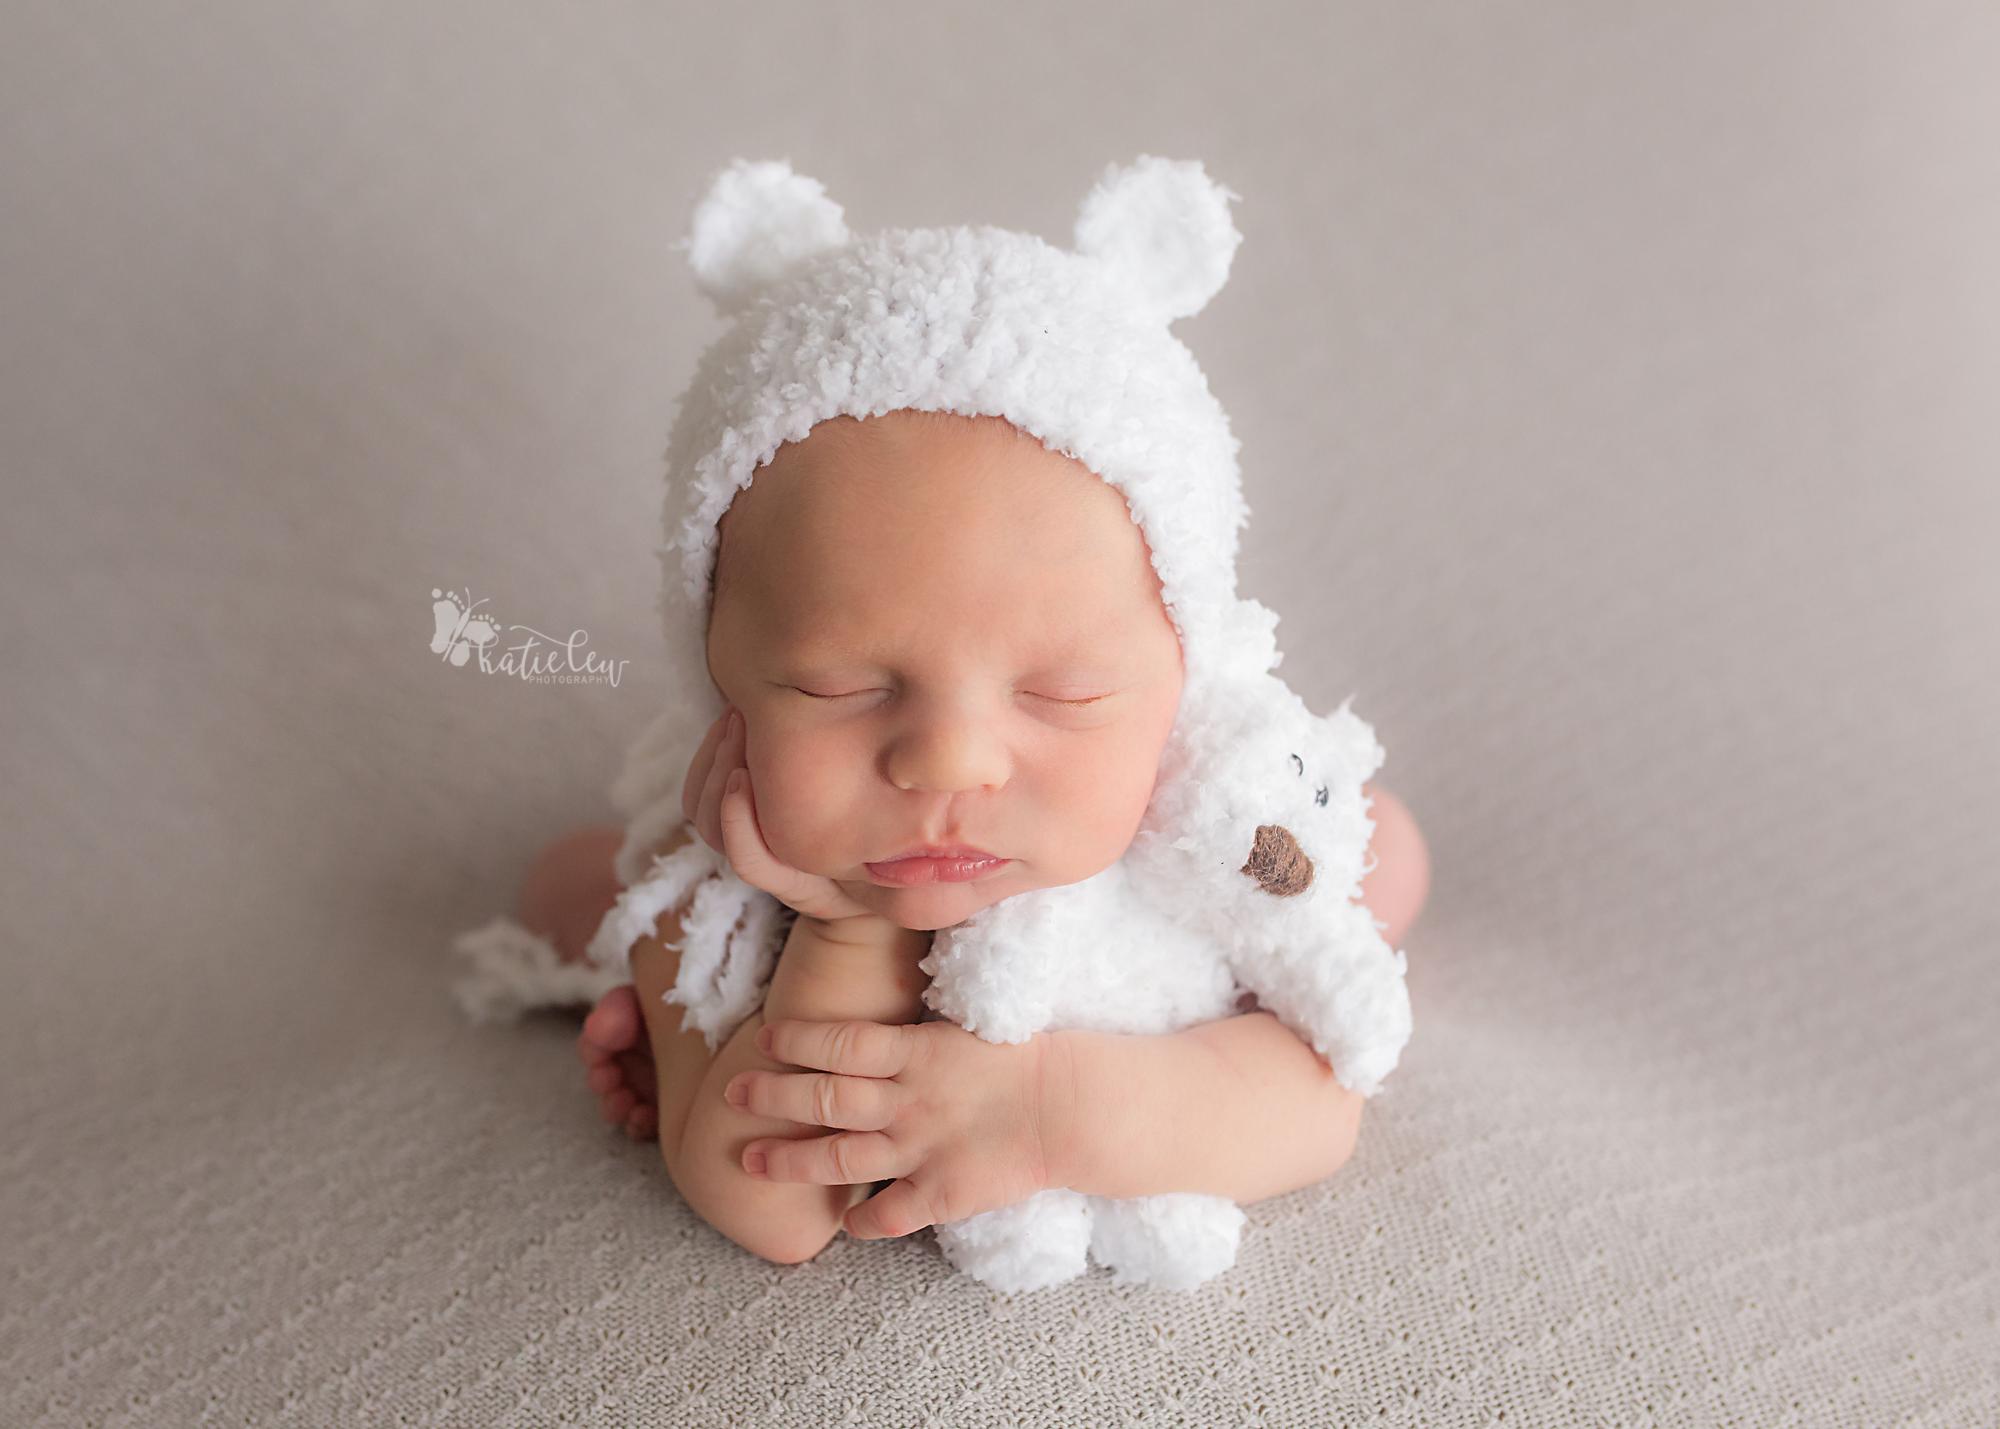 baby boy with a teddy bear